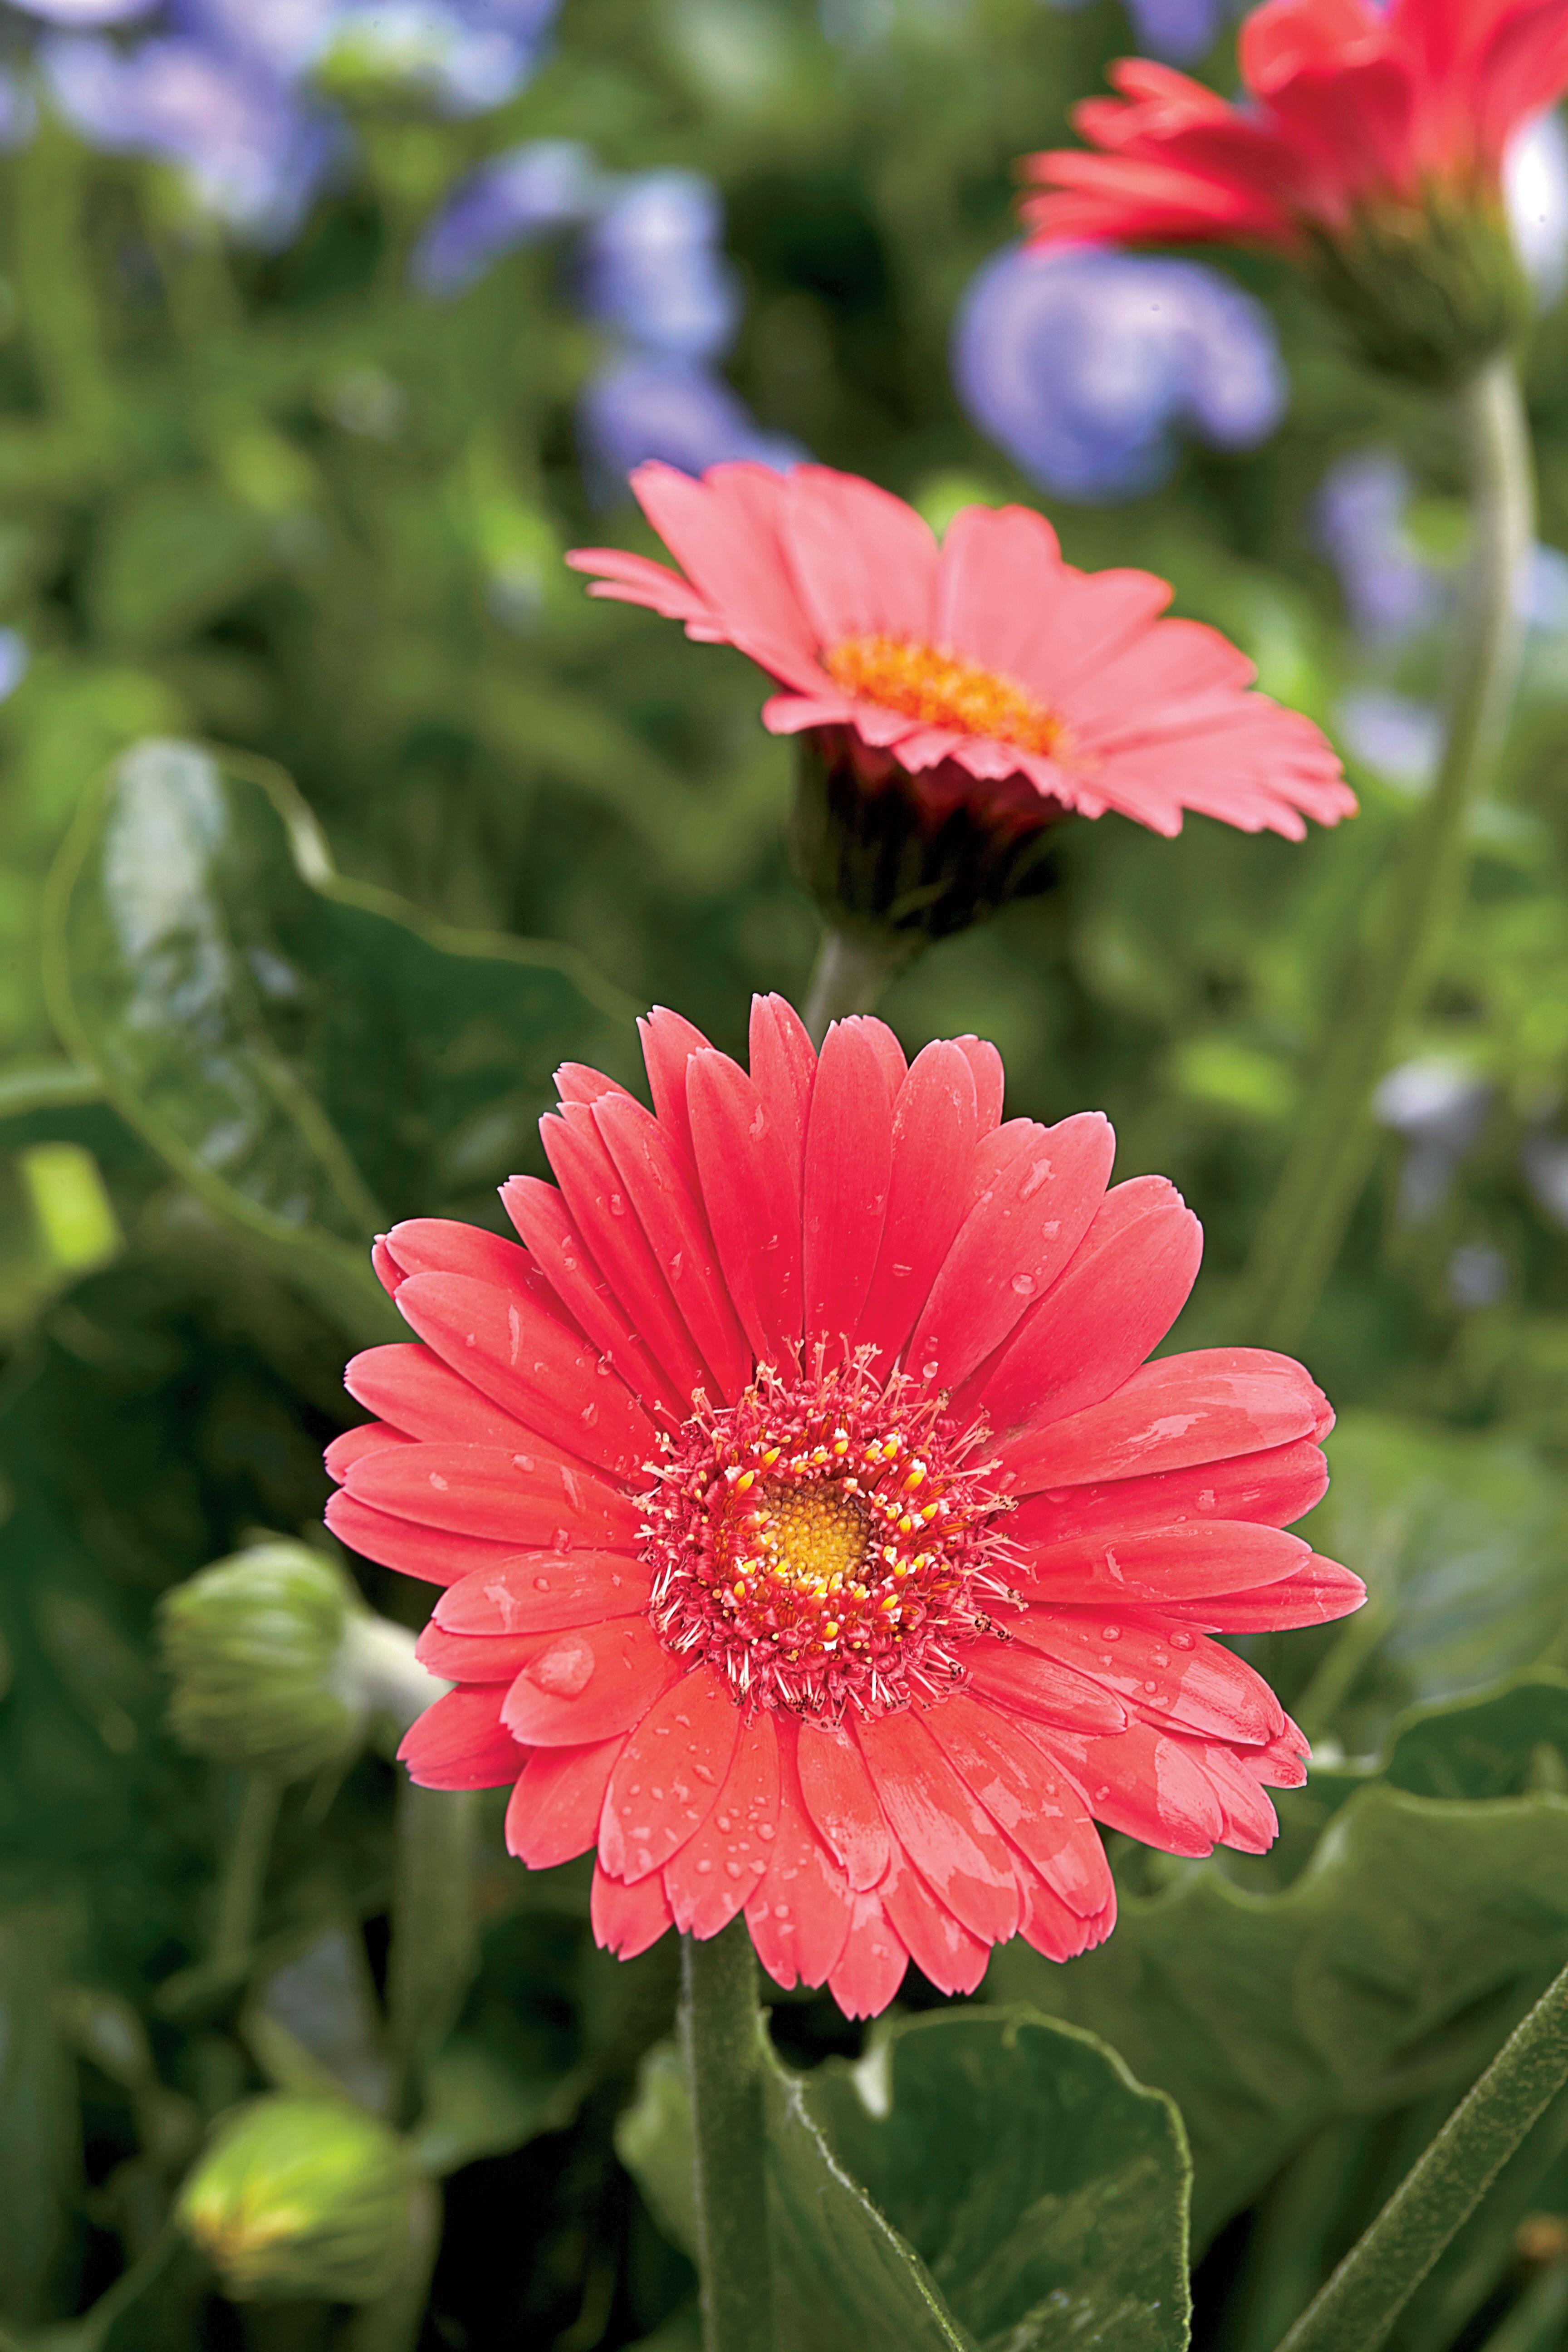 How To Care For Gerbera Daisies Spring Perennials Gerbera Daisy